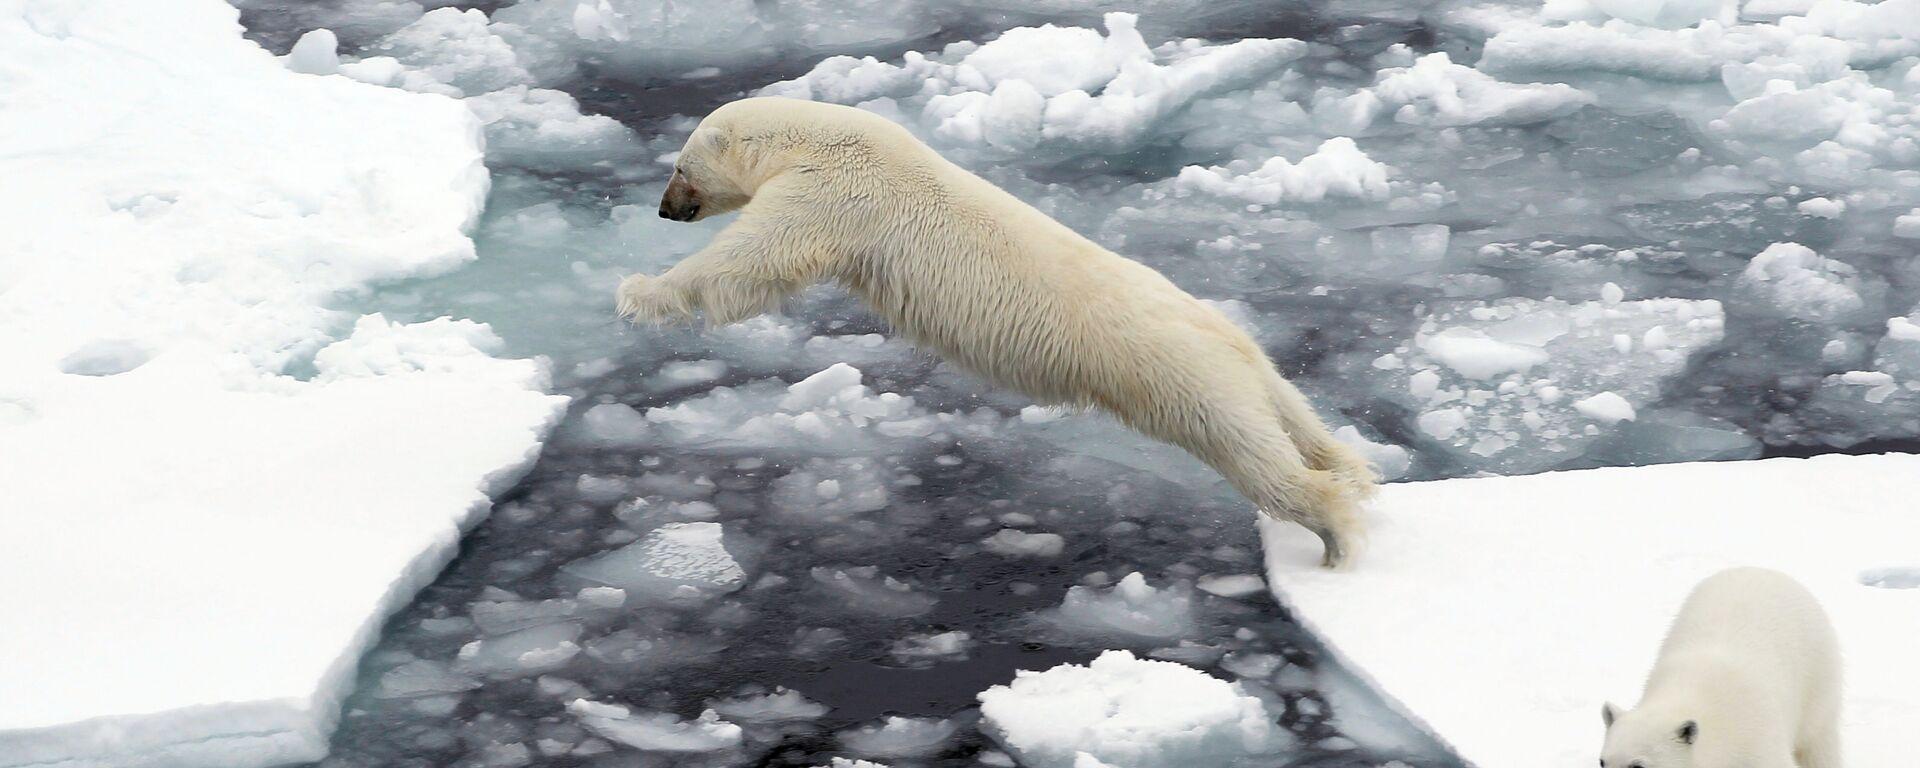 Lední medvědi na ledových krách v Severním ledovém oceánu. Ilustrační foto - Sputnik Česká republika, 1920, 09.08.2021